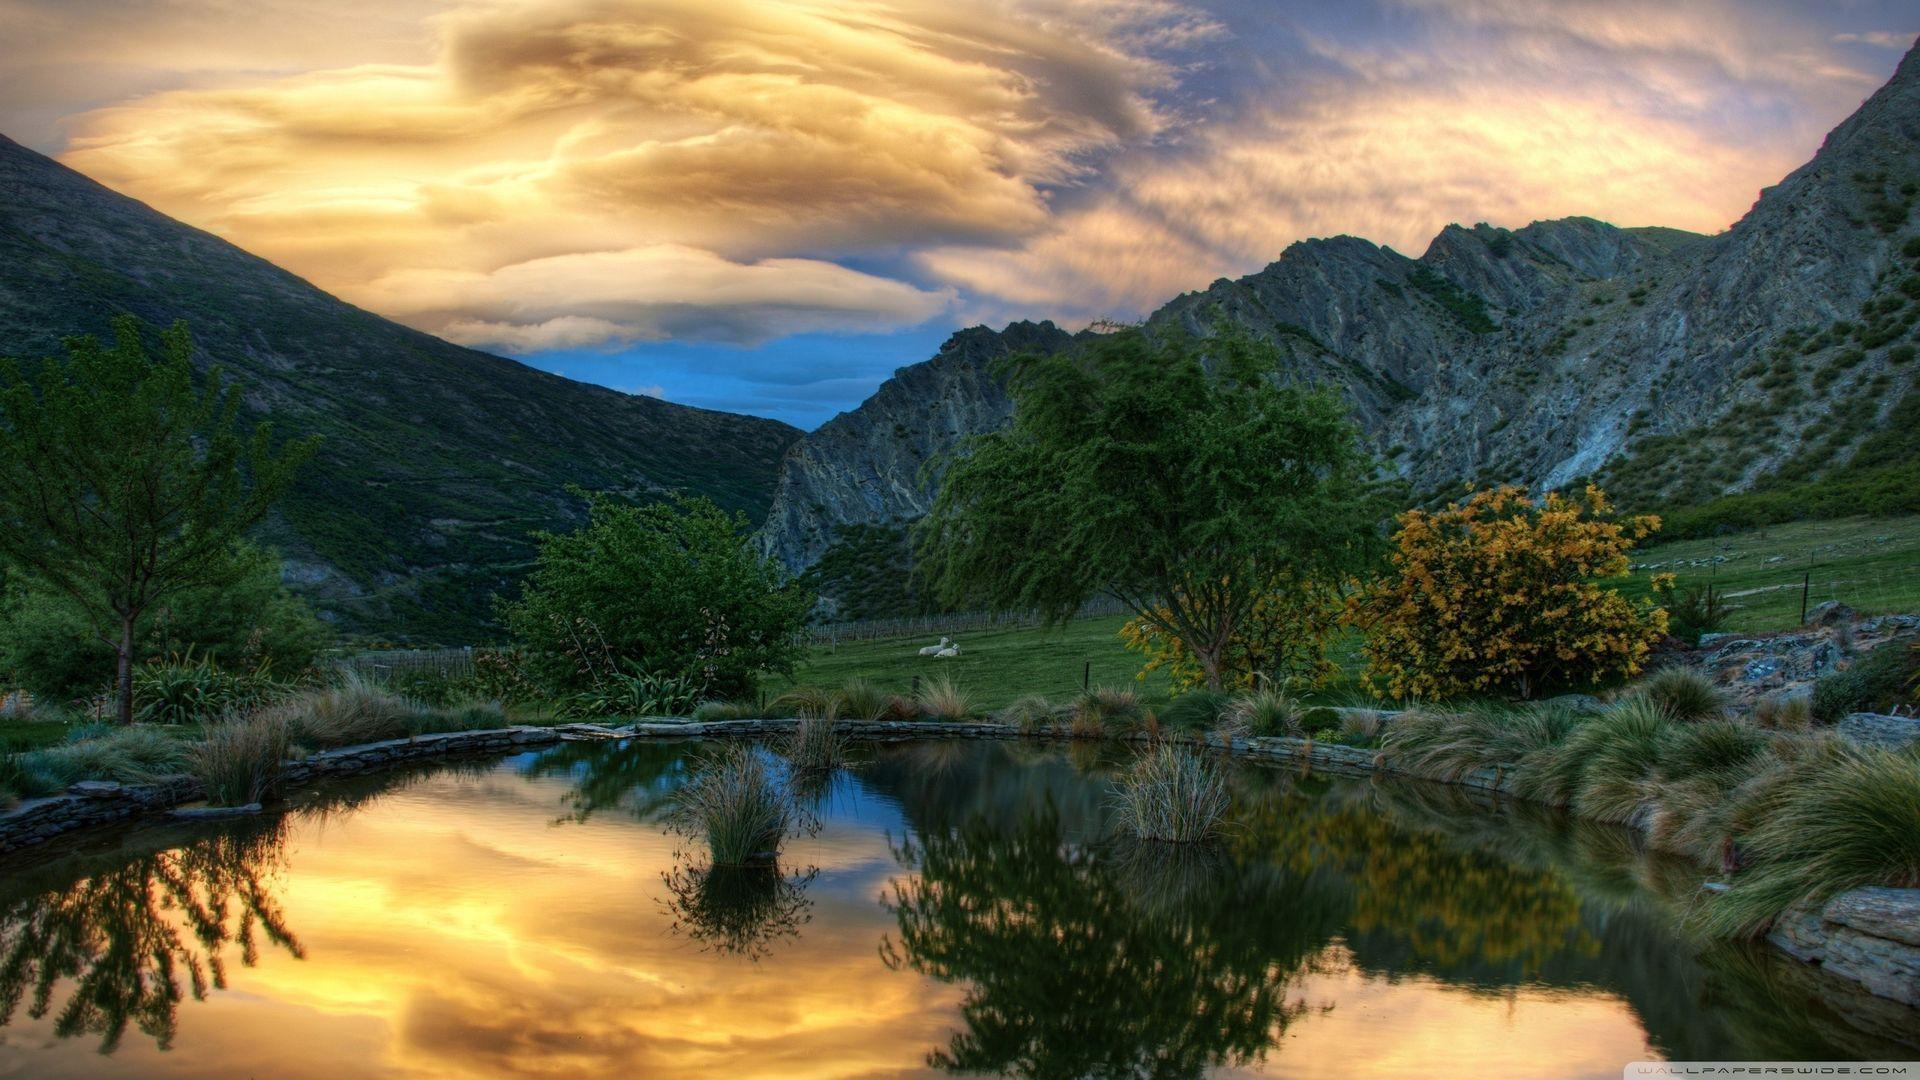 Beautiful Scenery Photo